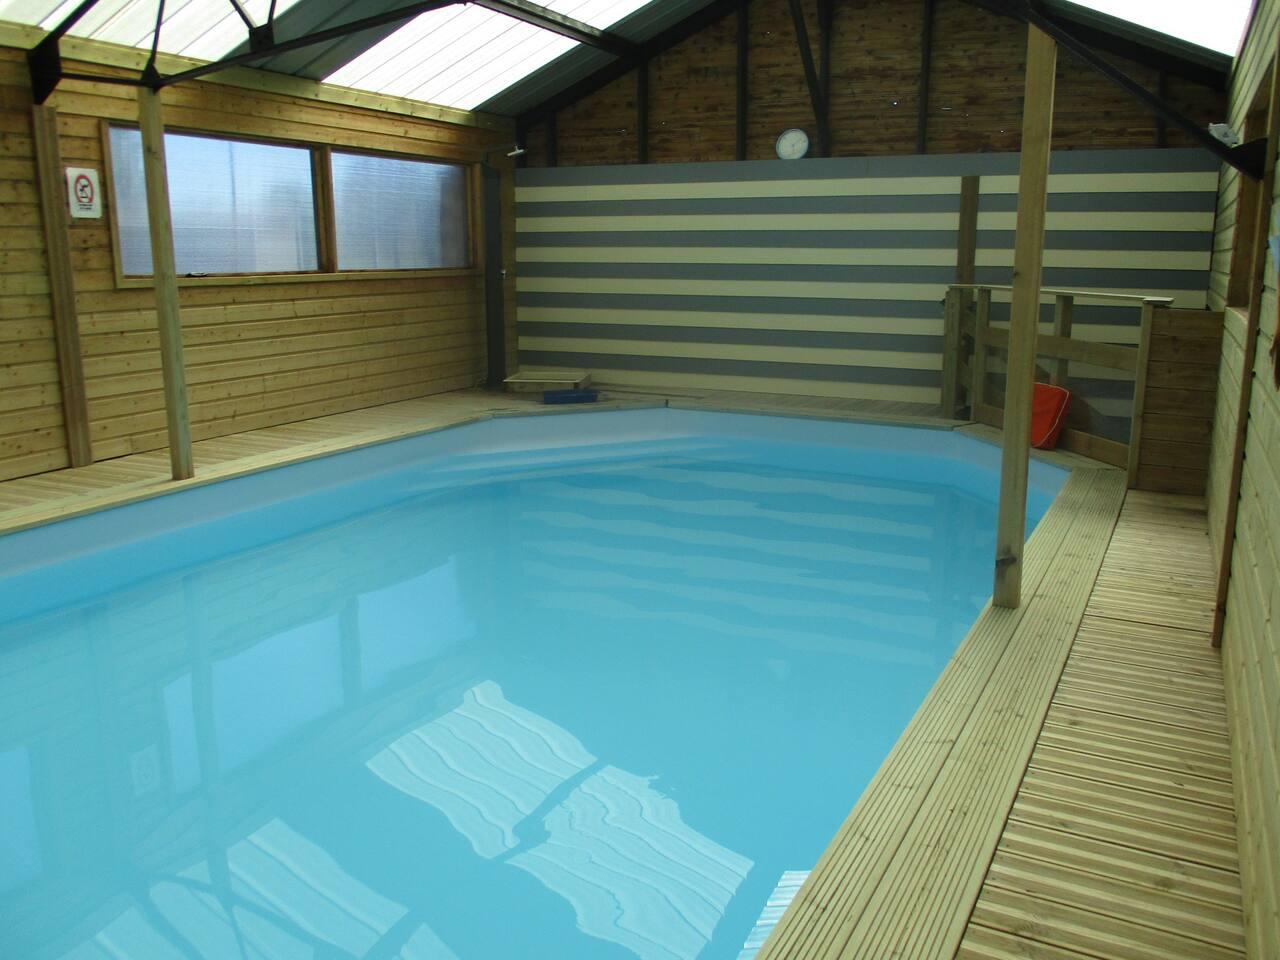 piscine couverte et chauffée d'Avril à fin Octobre